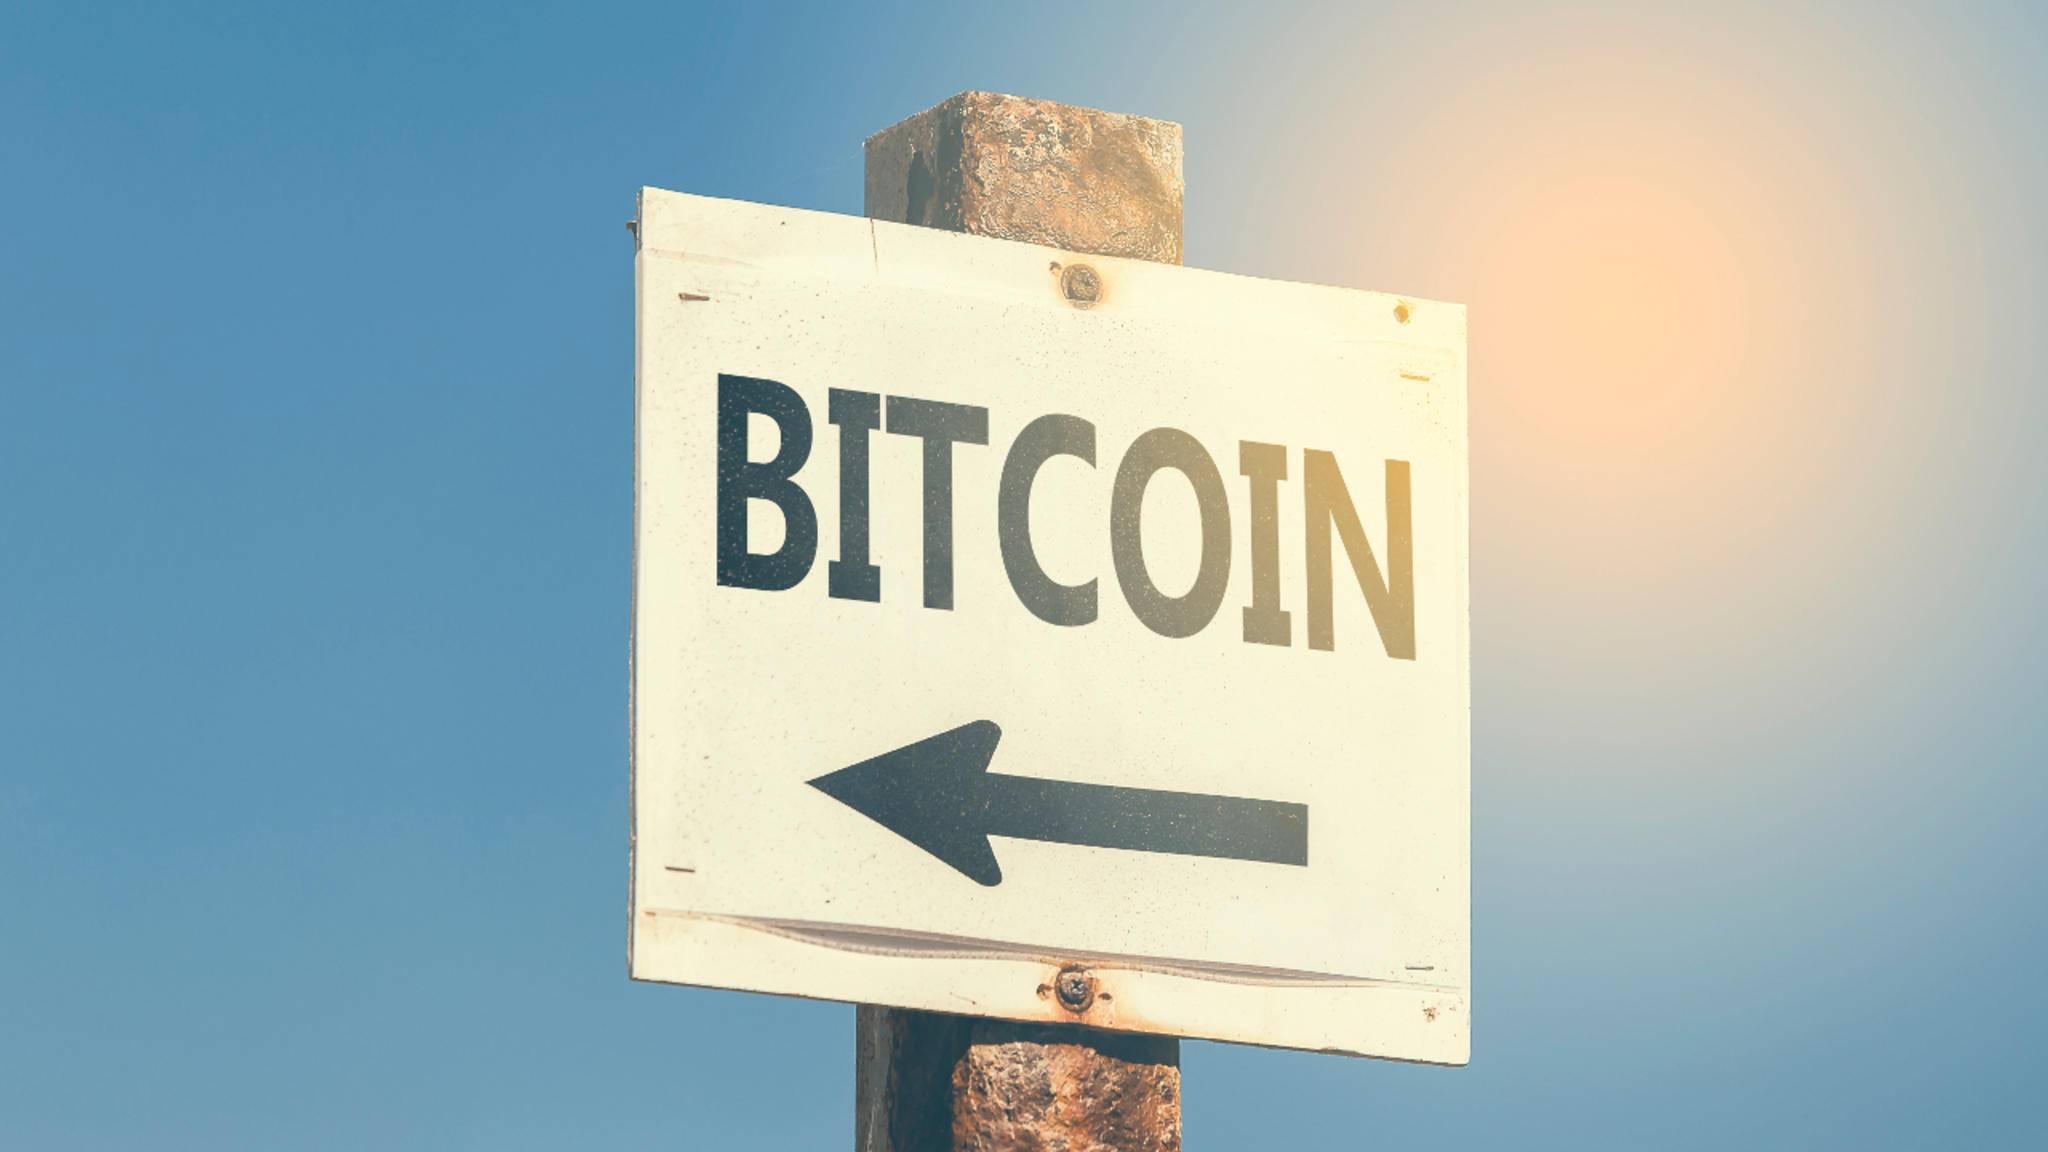 Bitcoin? Schon mal gehört! Wir erklären, was hinter dem Phänomen steckt.